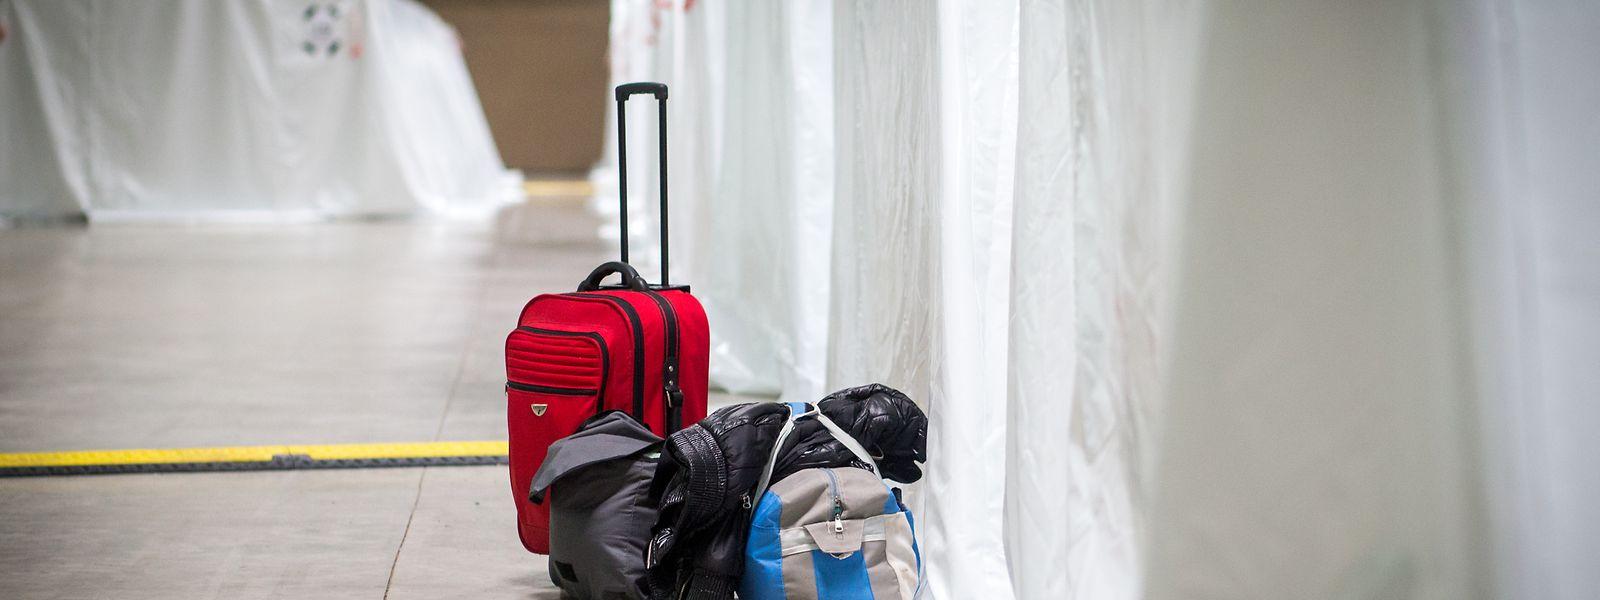 Abgelehnte Asylbewerber werden in der SHUK untergebracht. Sie stehen dort unter Hausarrest und ständiger Beobachtung von Menschen in Uniformen. Das muss aufhören, sagt der Luxemburger Flüchtlingsrat.